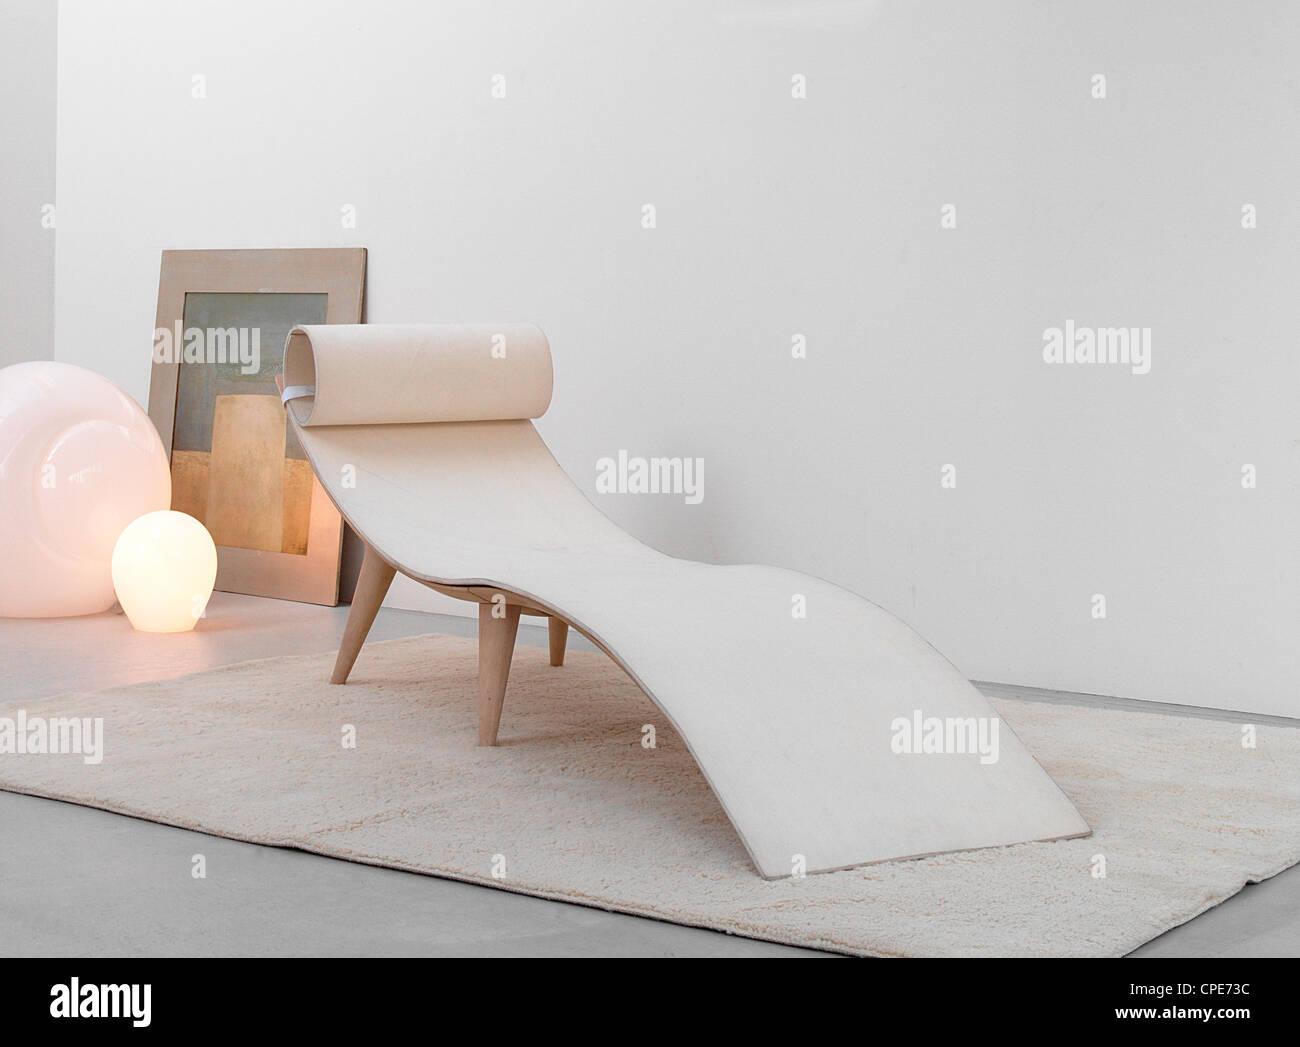 Bemerkenswert Sessel Mit Fußstütze Dekoration Von Modernes Design Fußstütze